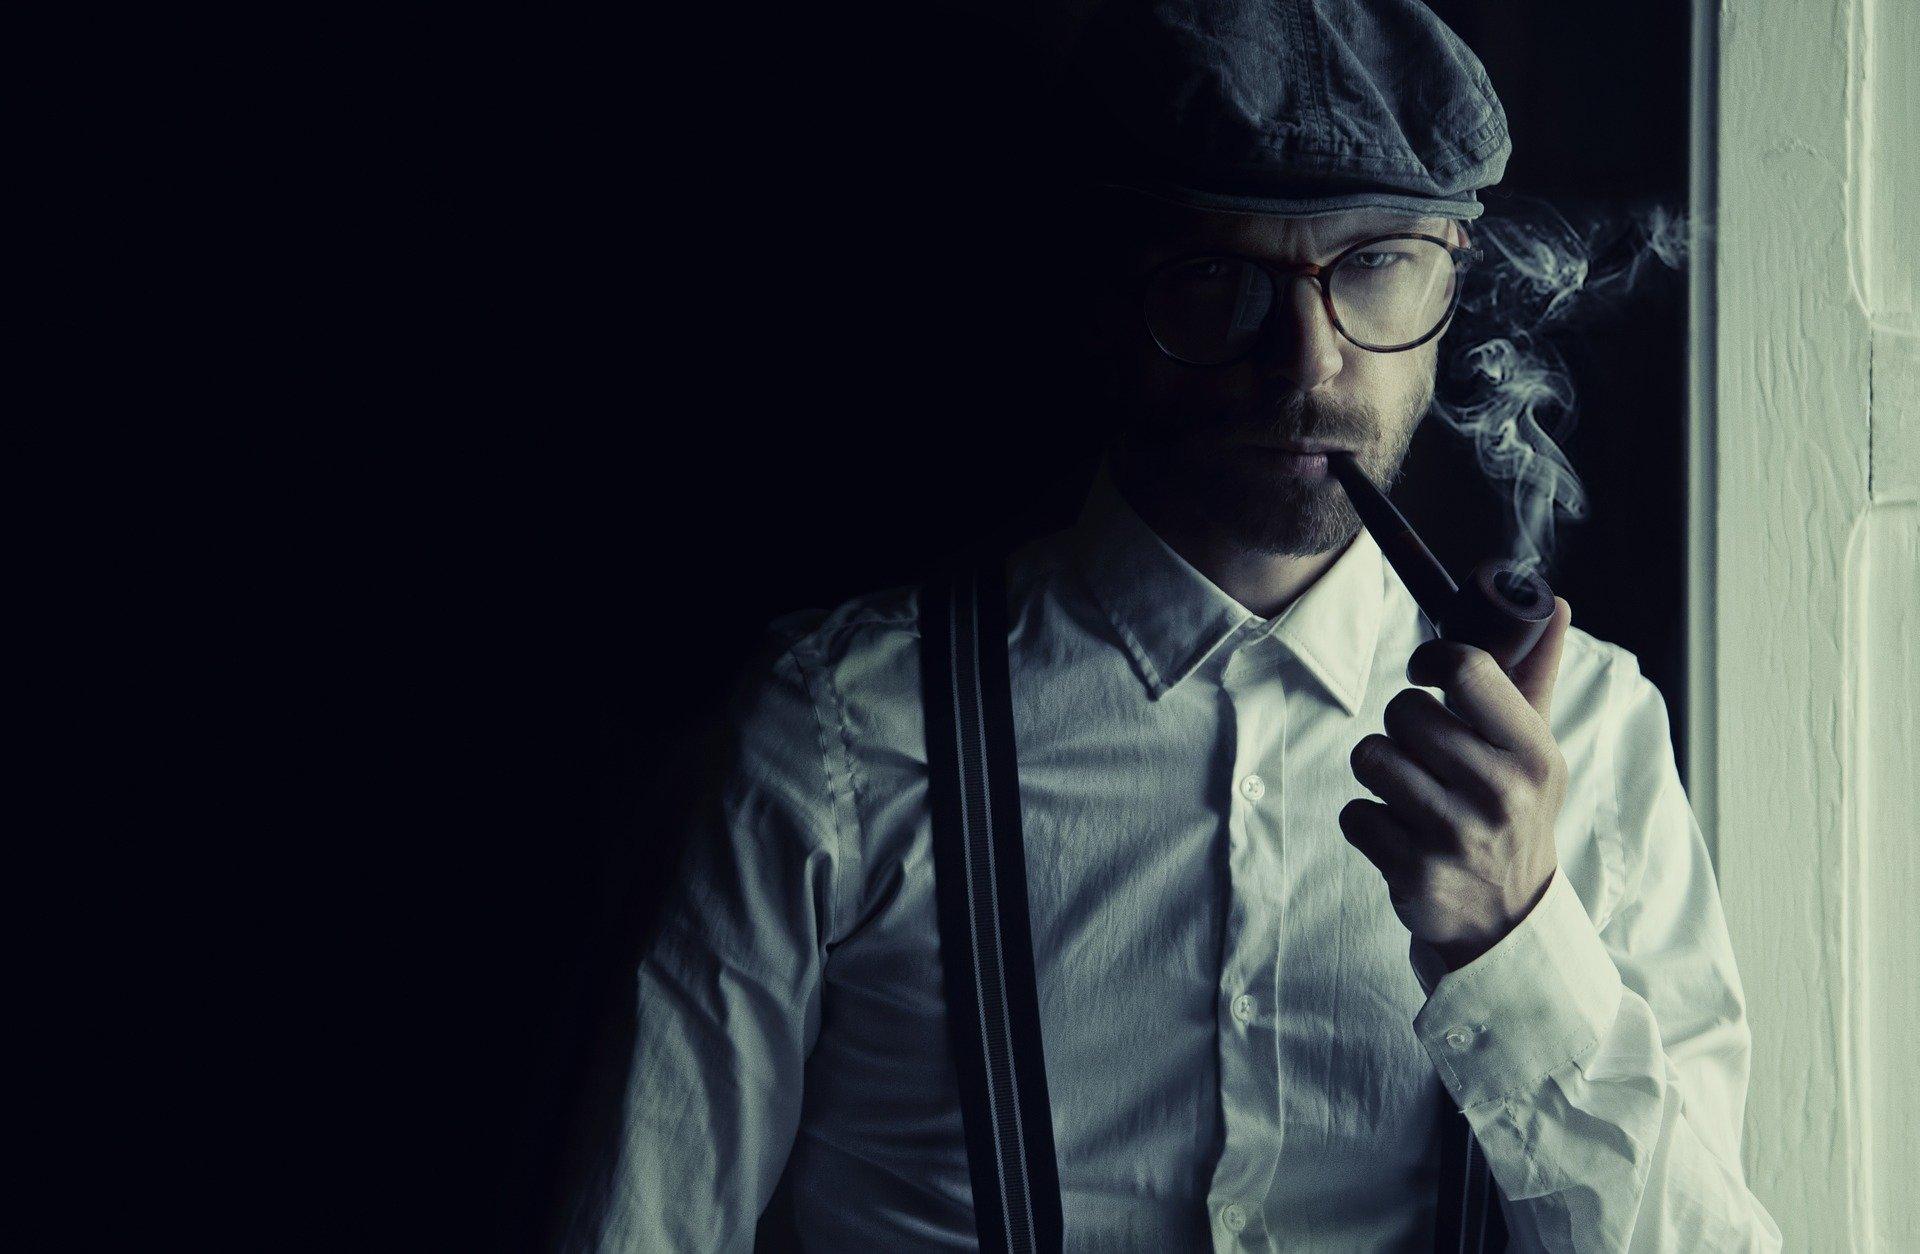 まとめ【探偵の仕事は張り込みが超きつい。憧れだけでやると後悔する】